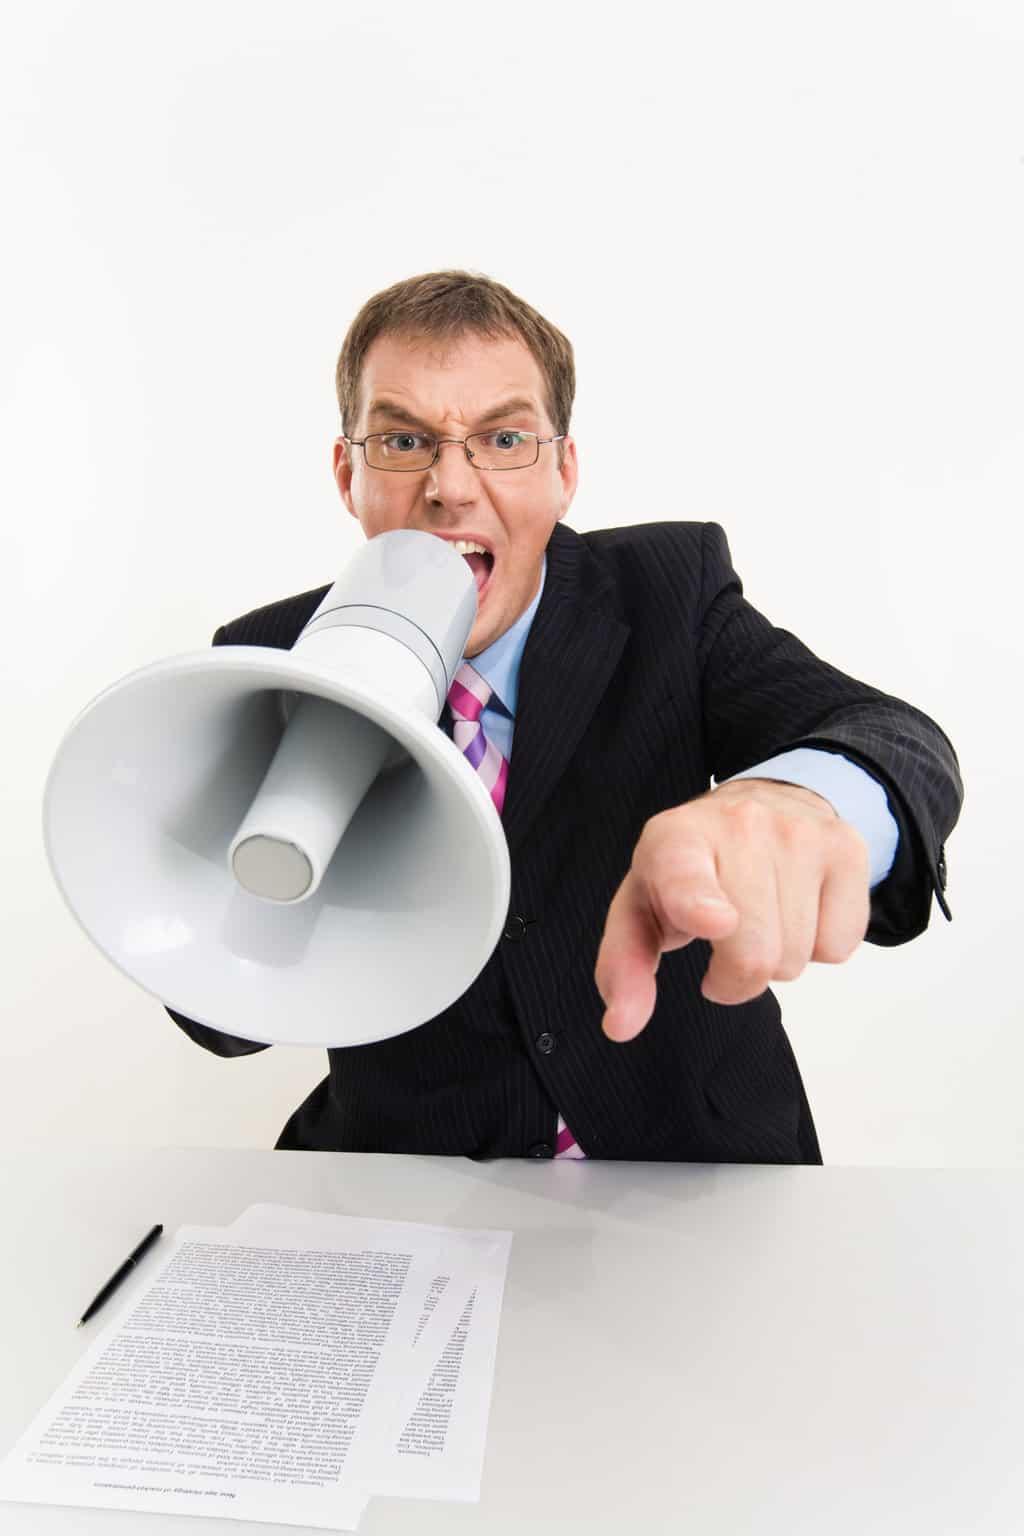 Jak chytře vycházet i s těmi nejnáročnějšími zákazníky, dodavateli, kolegy a úředníky